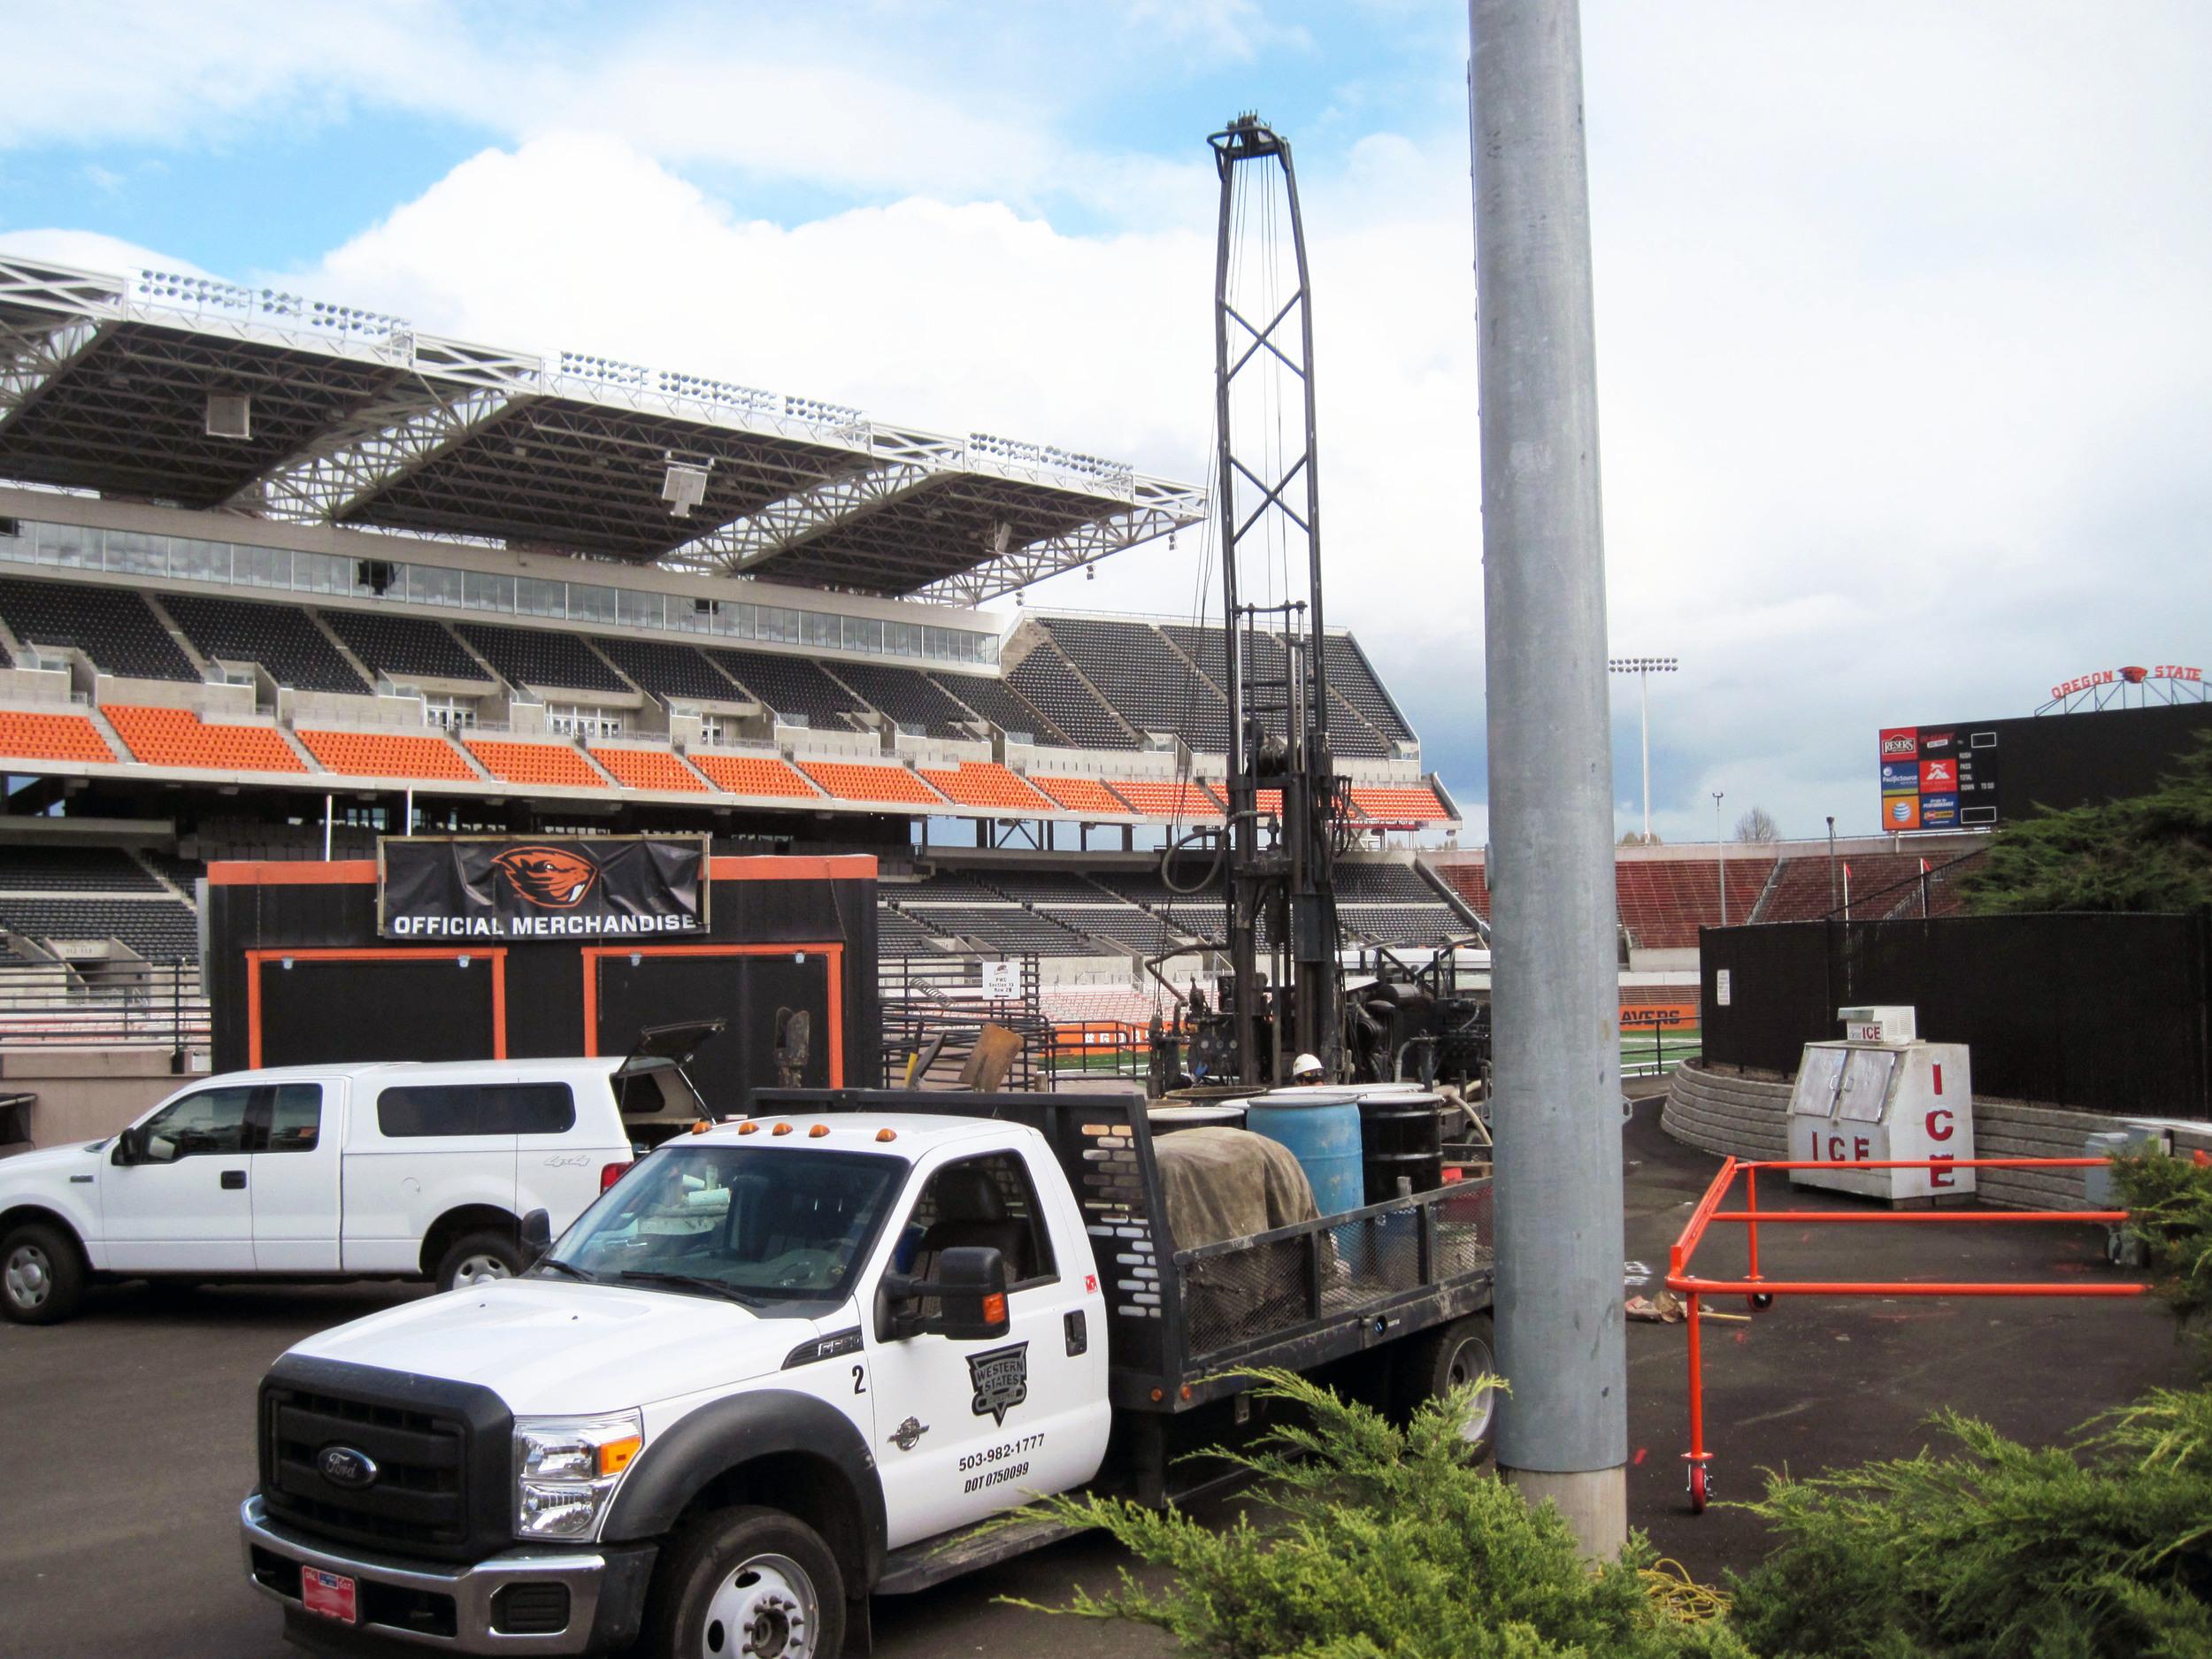 2151019 Reser Stadium Phase 3 - (Mar 16 to 19 2015) (22) Retouch.jpg